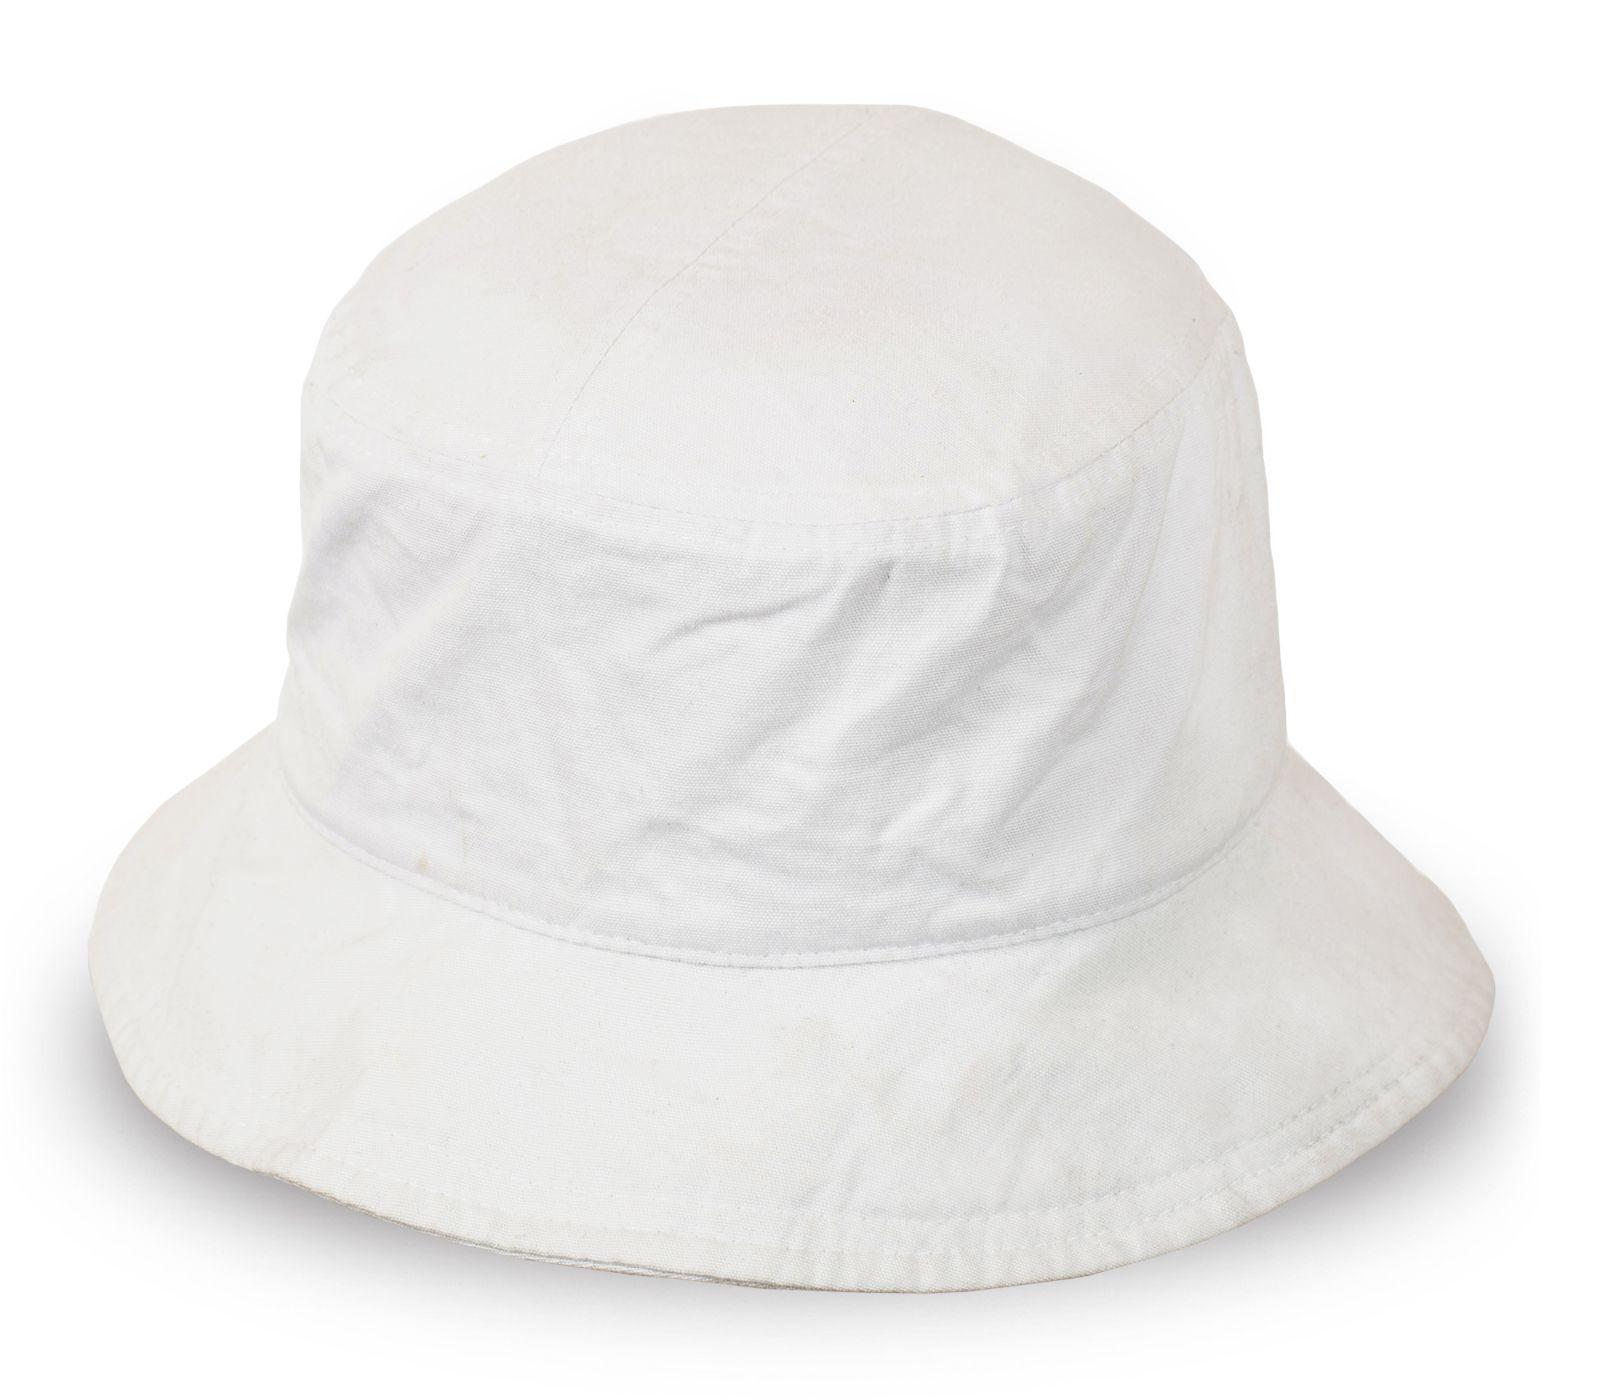 Классическая белая панама для пляжа